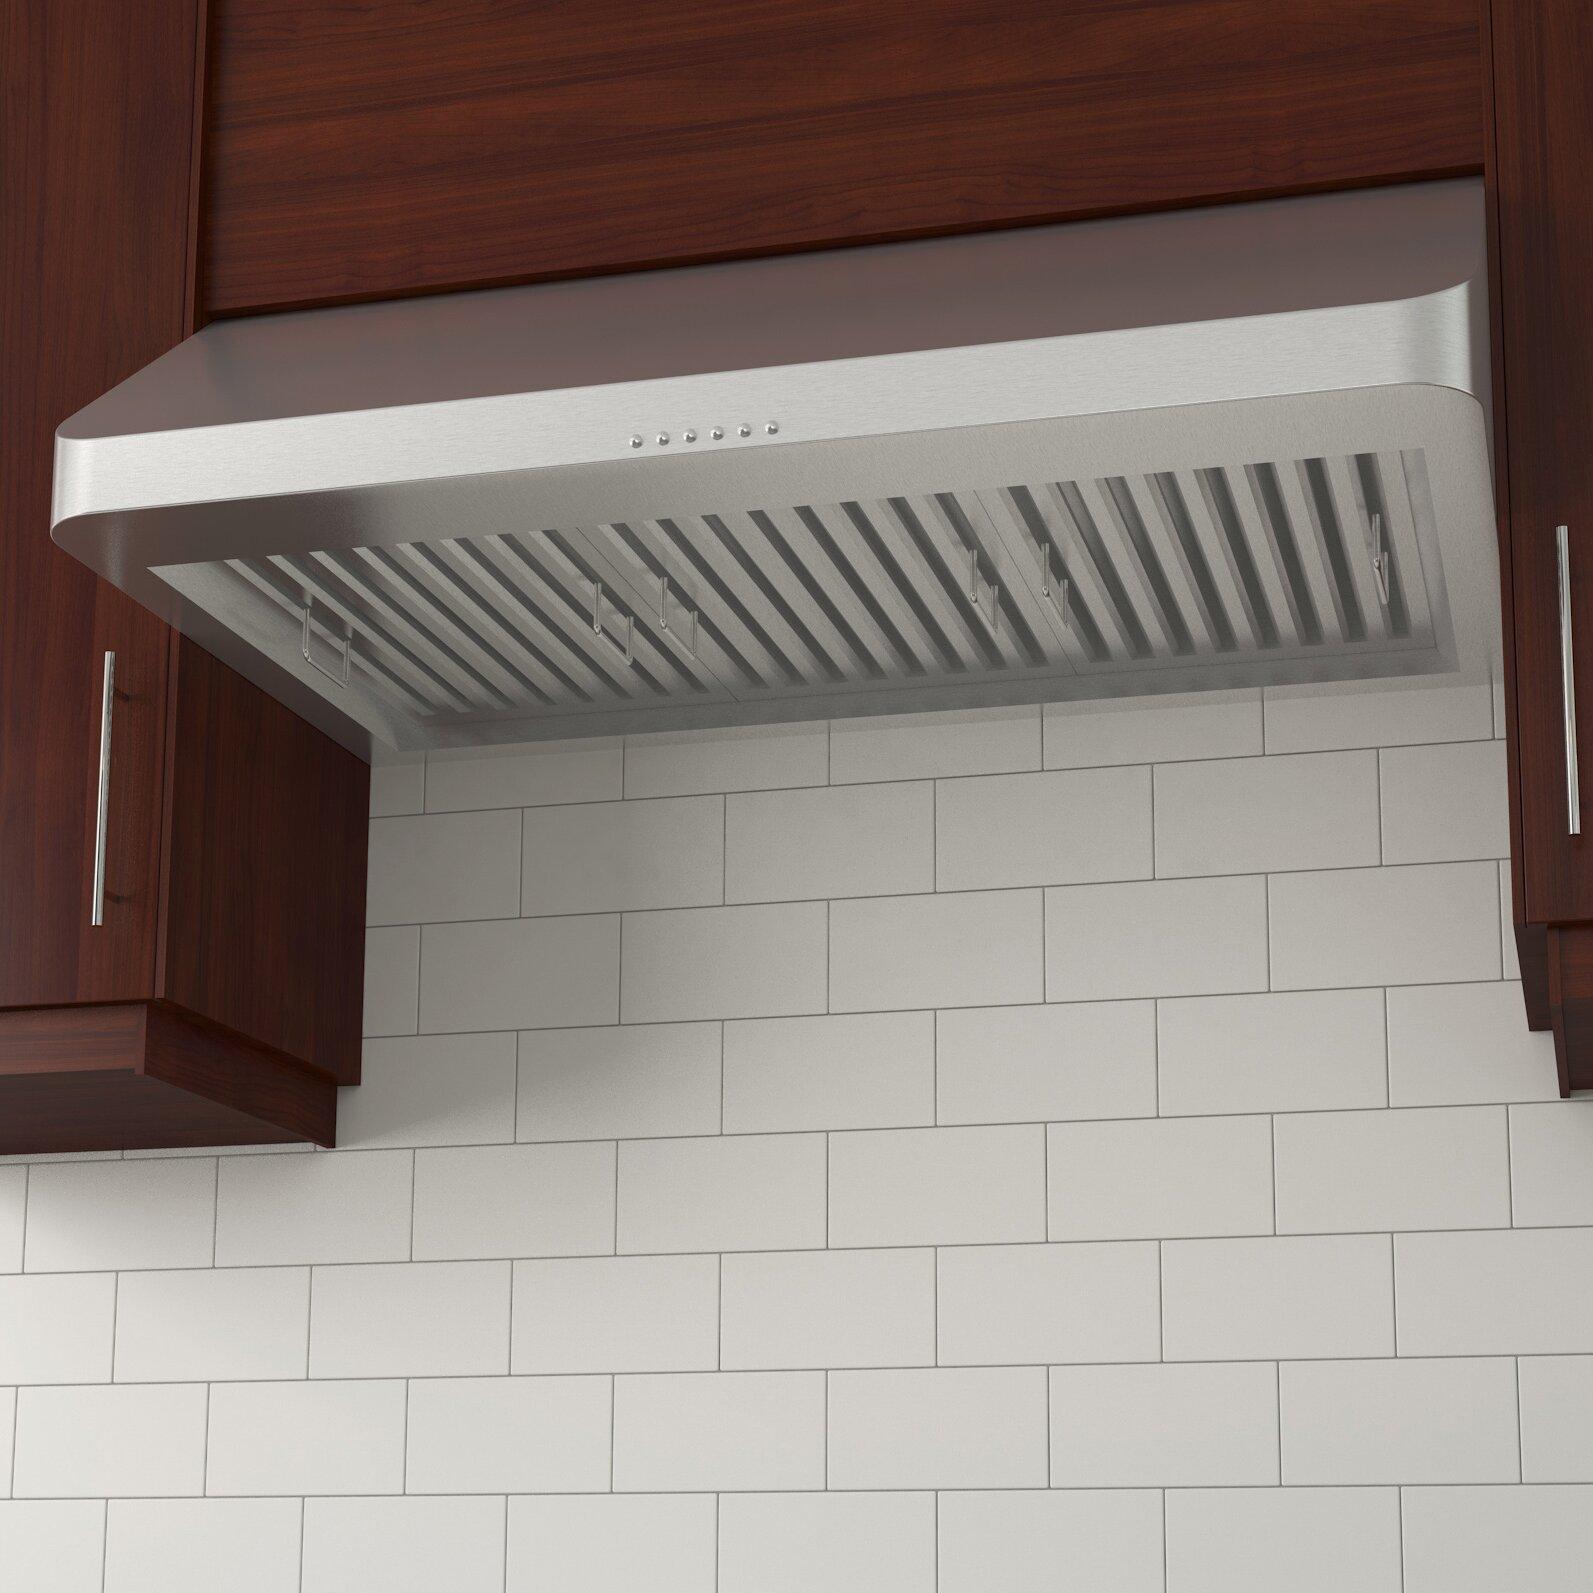 Ancona Chef Under Cabinet Ii Kitchen Range Hood | MF Cabinets